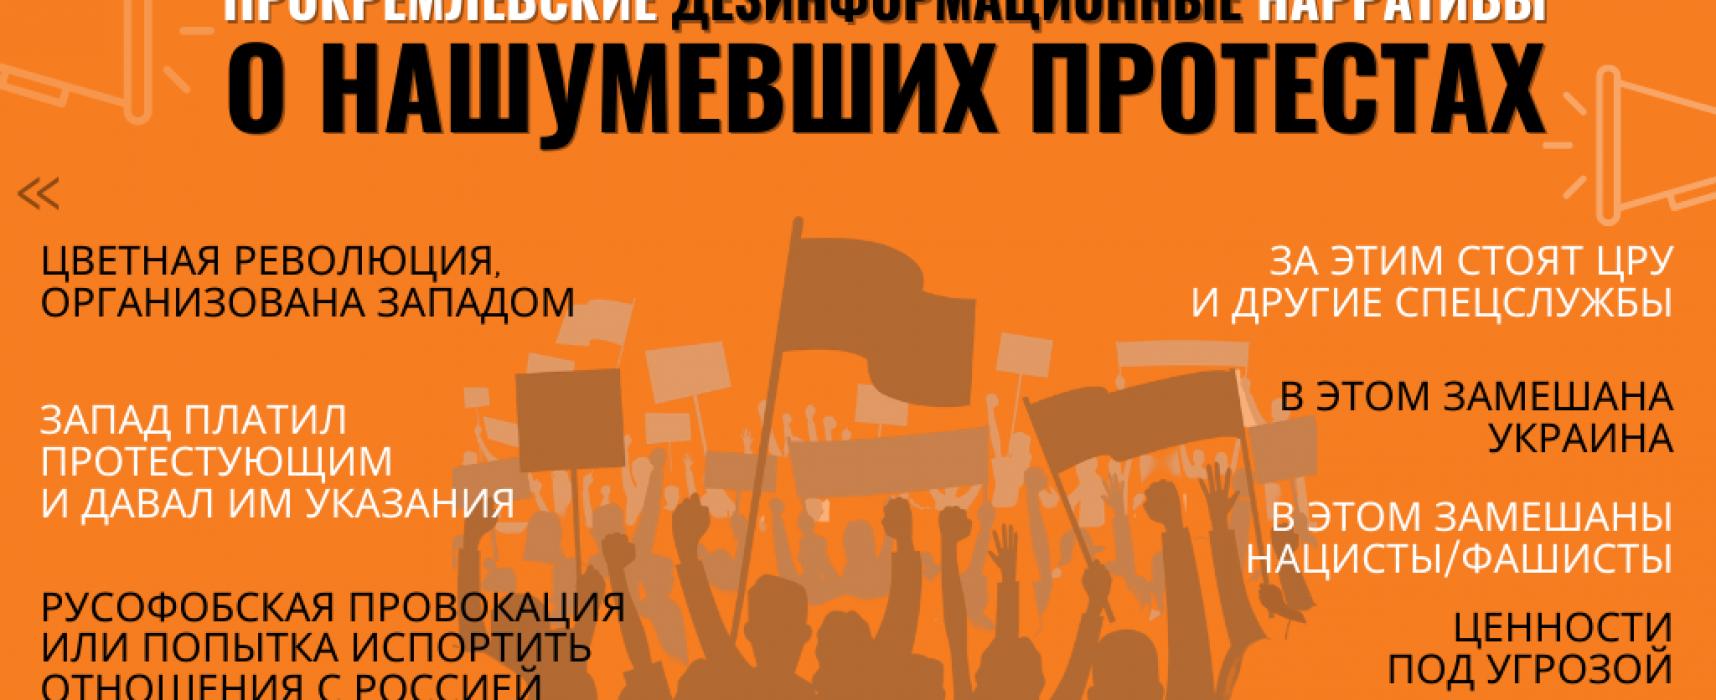 Повсюду «цветные революции»: Прокремлевские СМИ освещают народные протесты